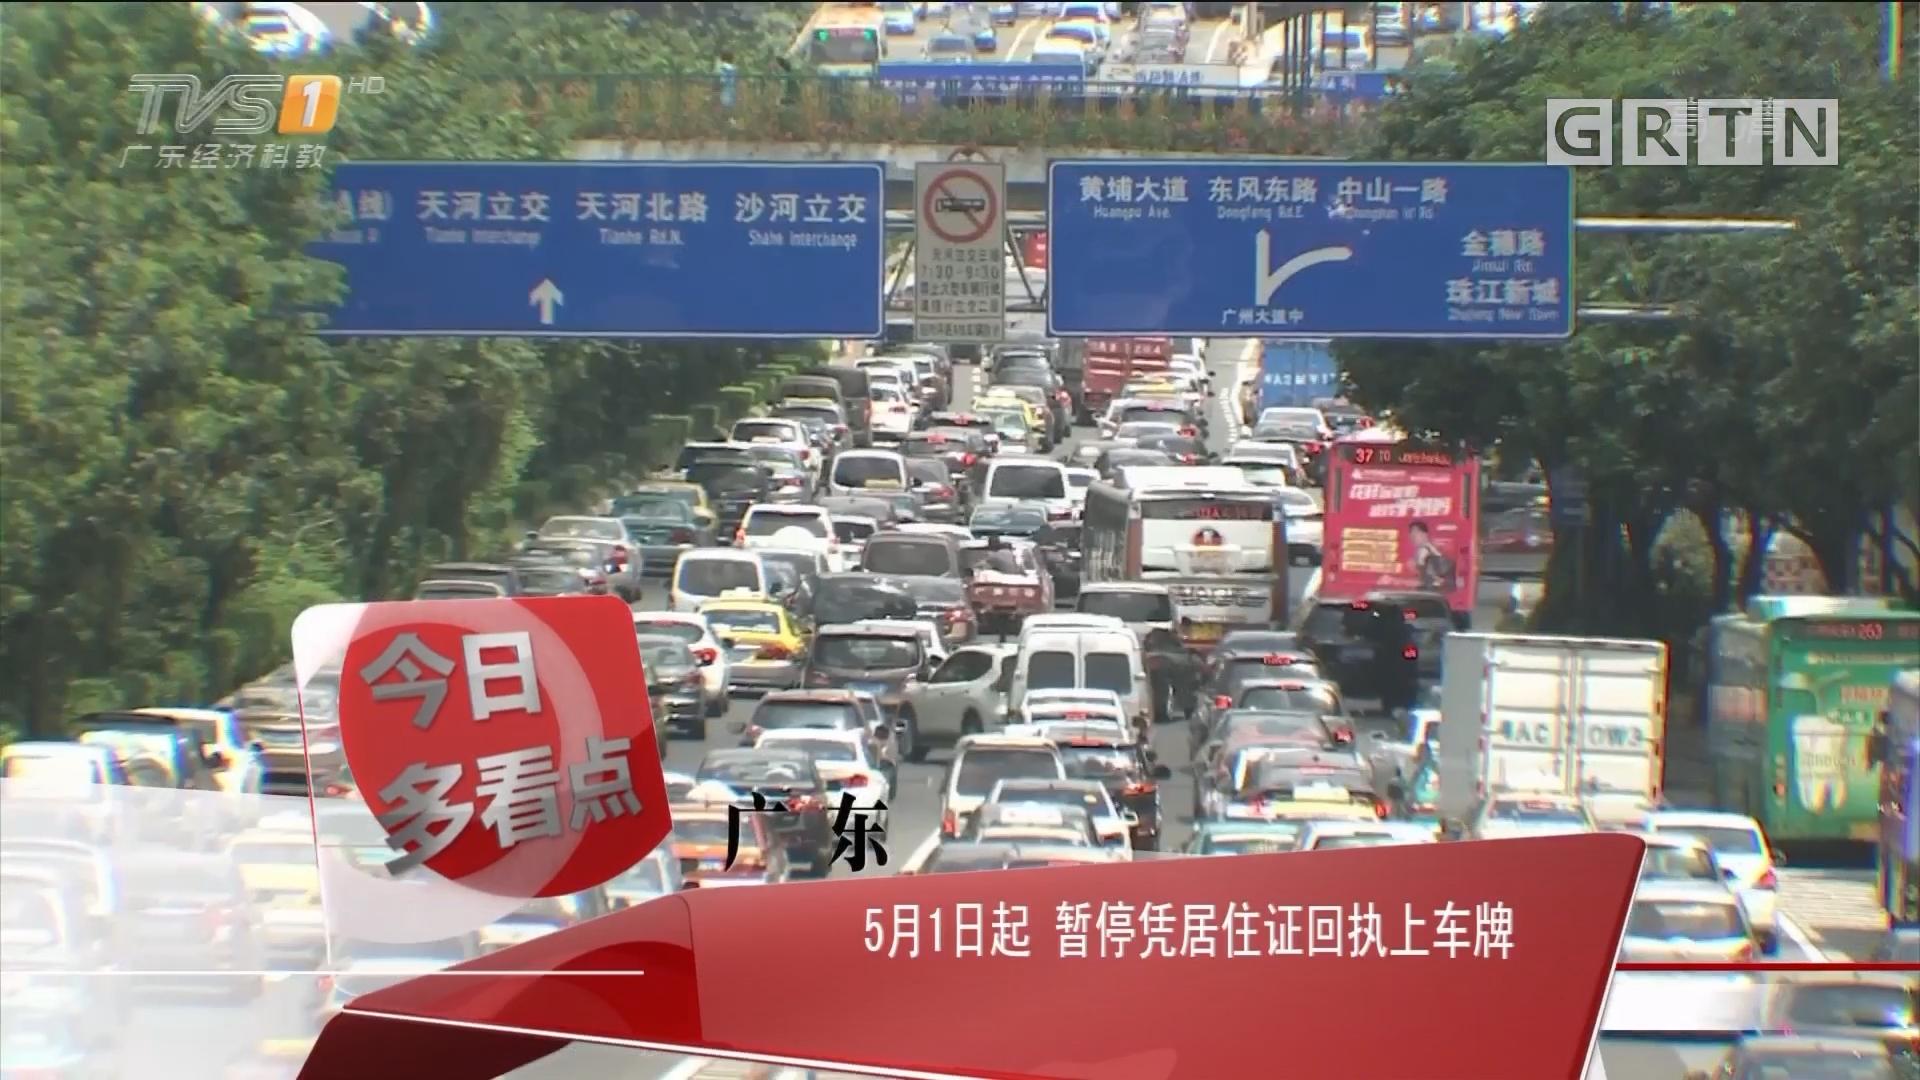 广东:5月1日起 暂停凭居住证回执上车牌